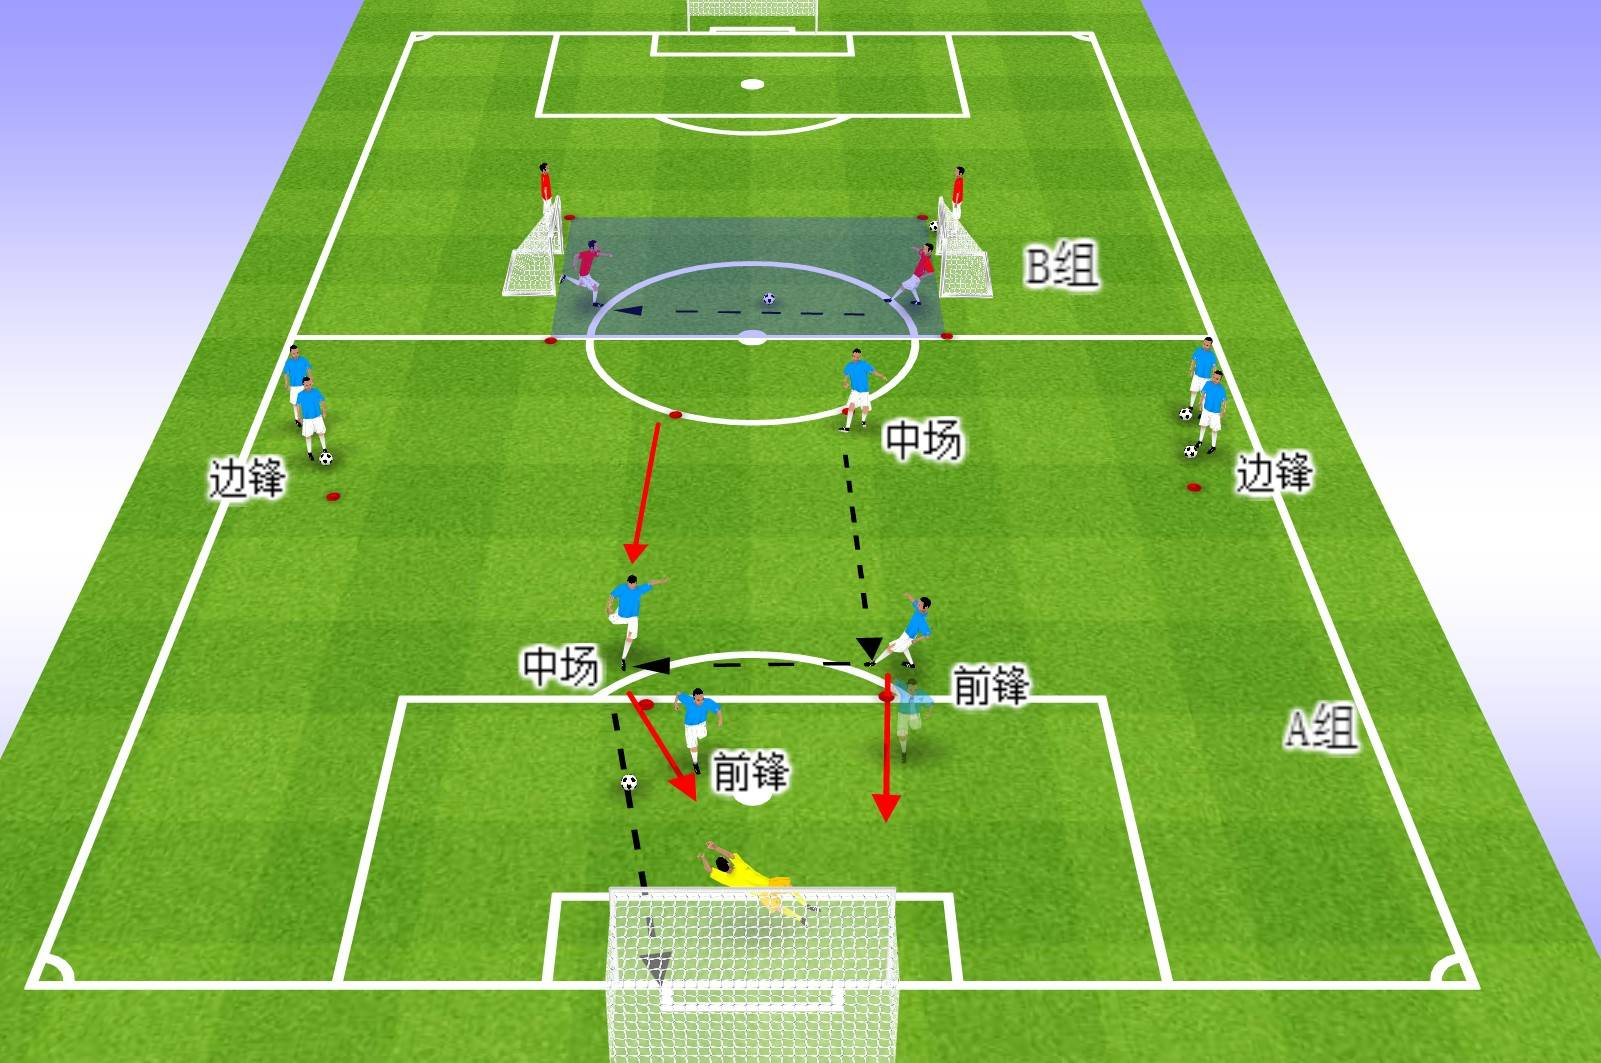 足球教案 | 意大利足球青训:控球练习+组织进攻